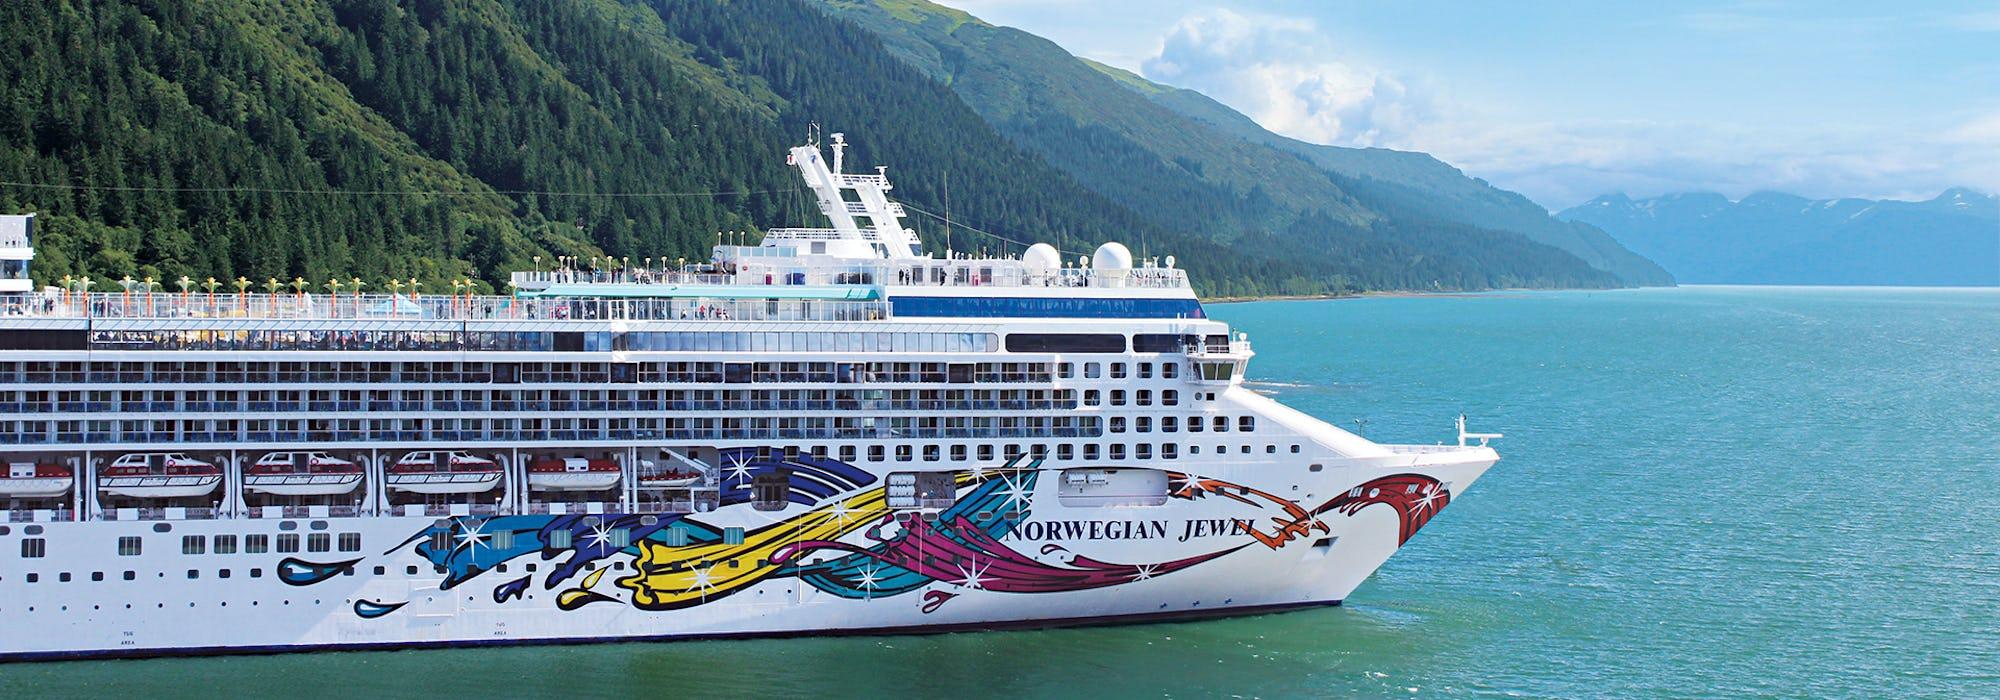 Bild på Norwegian Jewel tagen från sidan med höga berg och blått vatten runtomkring.